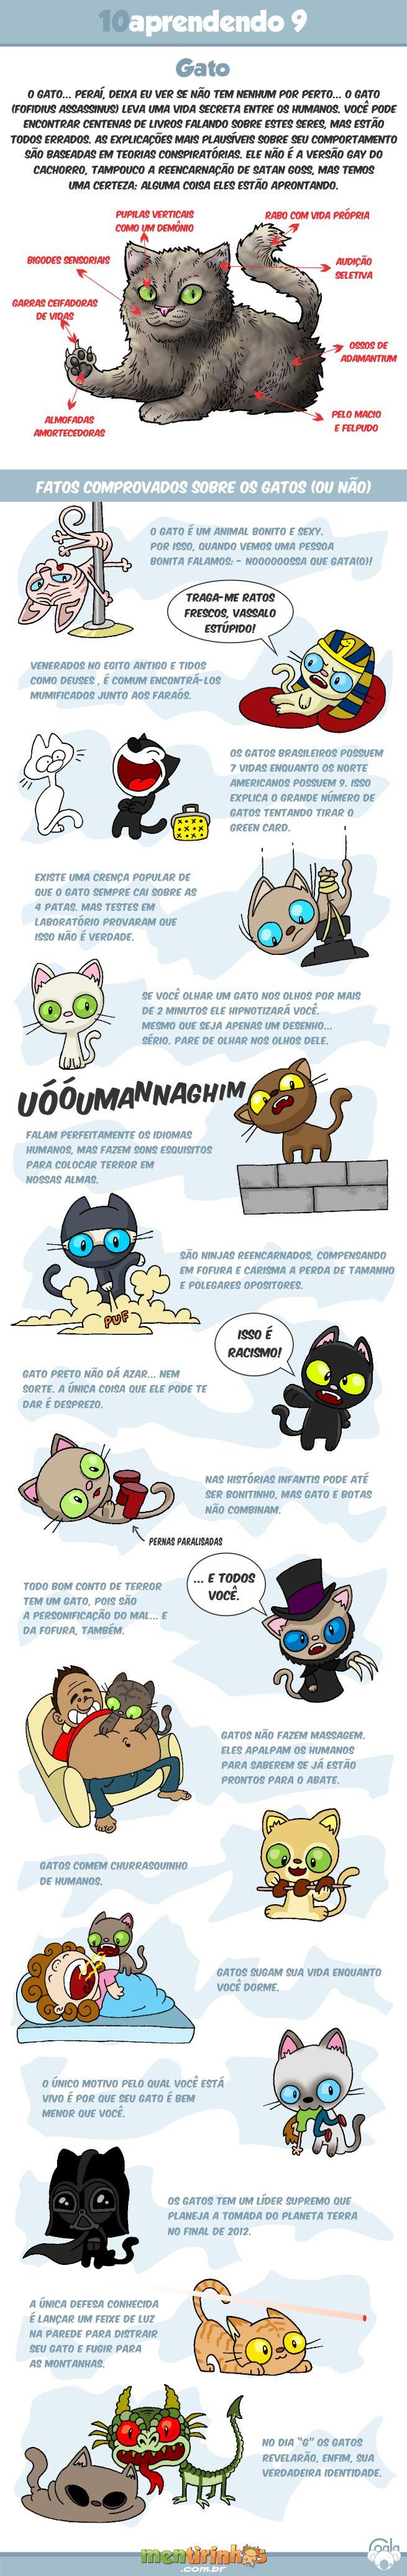 10aprendendo com o Coala #9 - Gatos